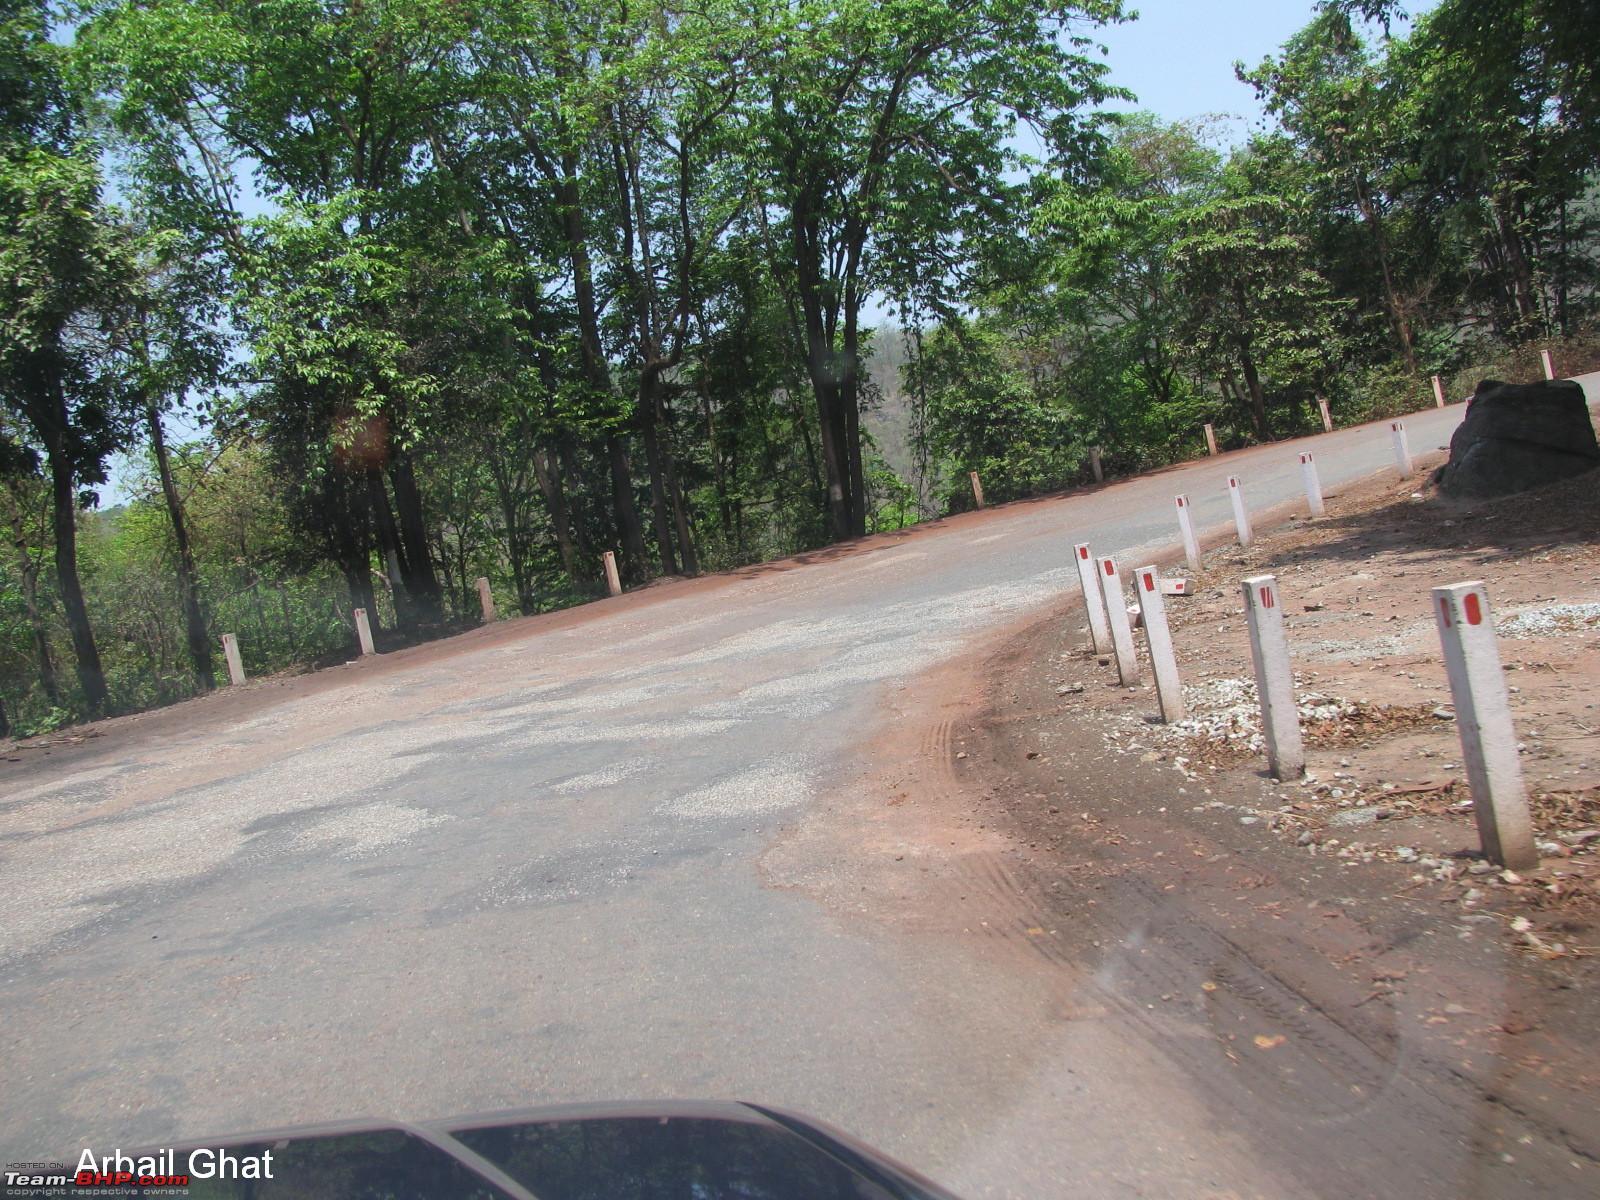 Hubli-Yellapur-Ankola road conditions? - Team-BHP